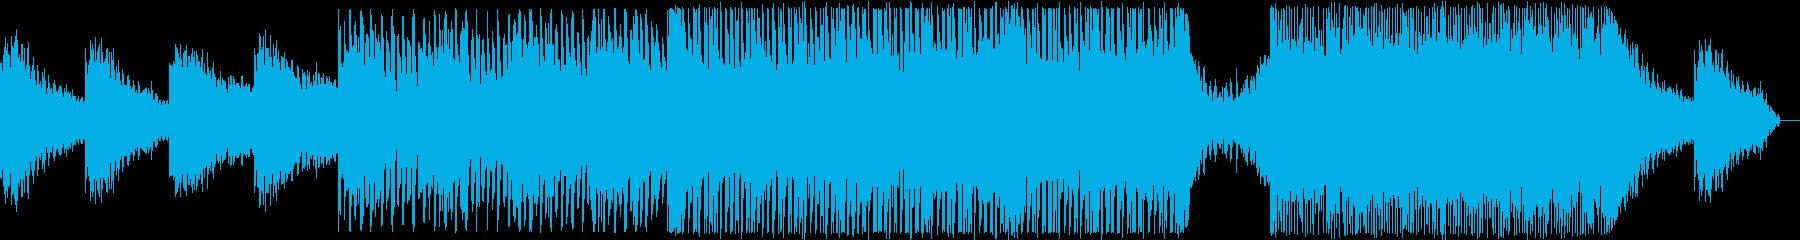 エレクトロニックなサウンドと暗いム...の再生済みの波形